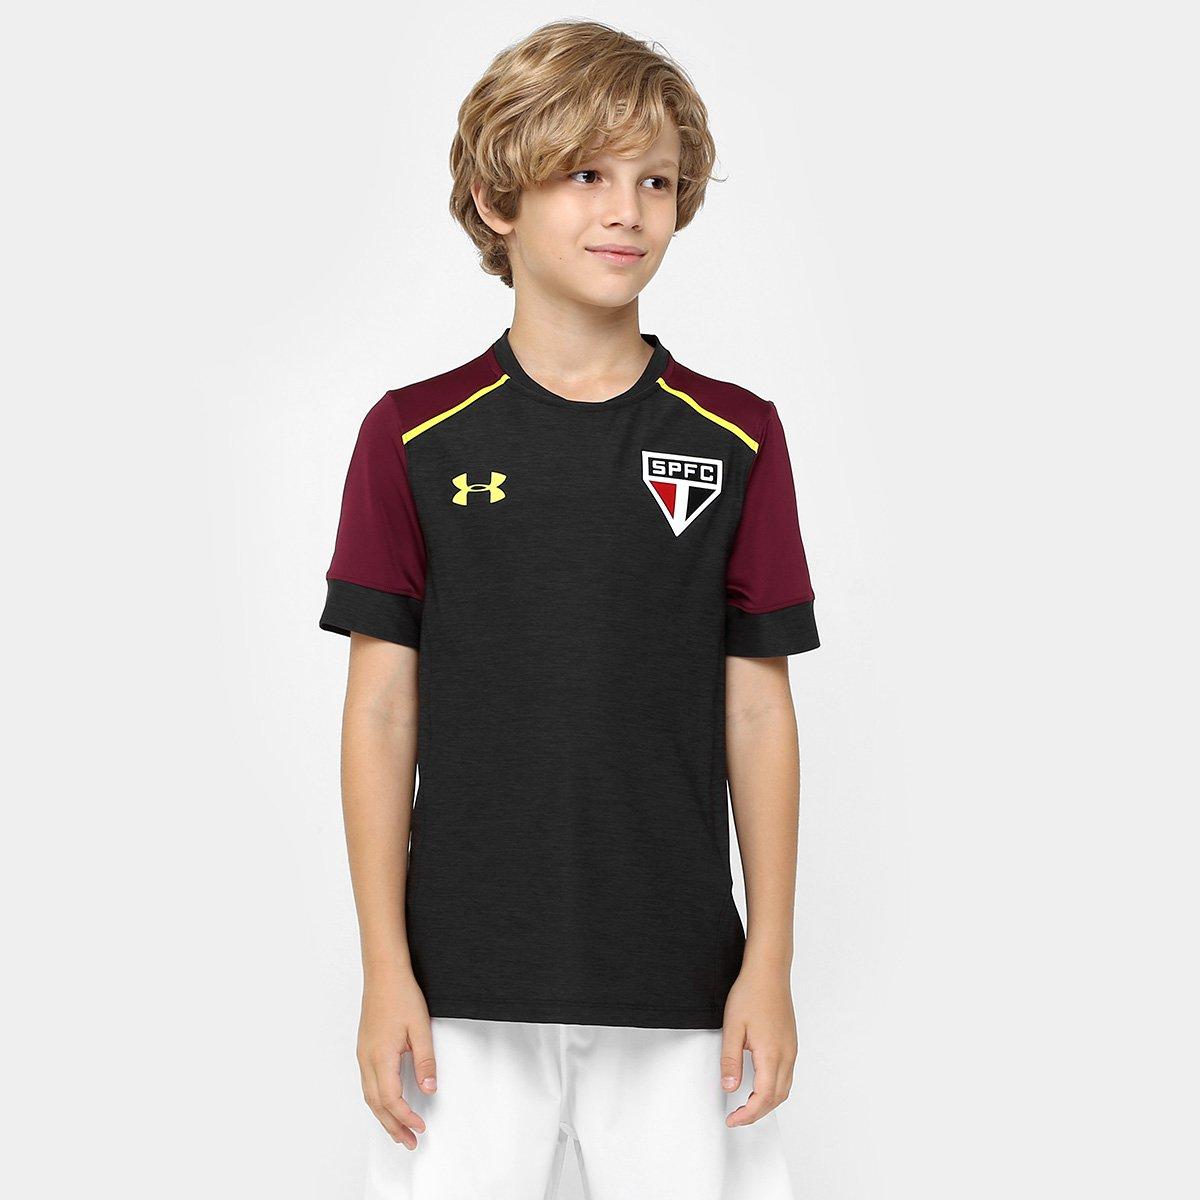 8622dce253 Camisa Treino São Paulo 16 17 Infantil - Torcedor Under Armour - Compre  Agora